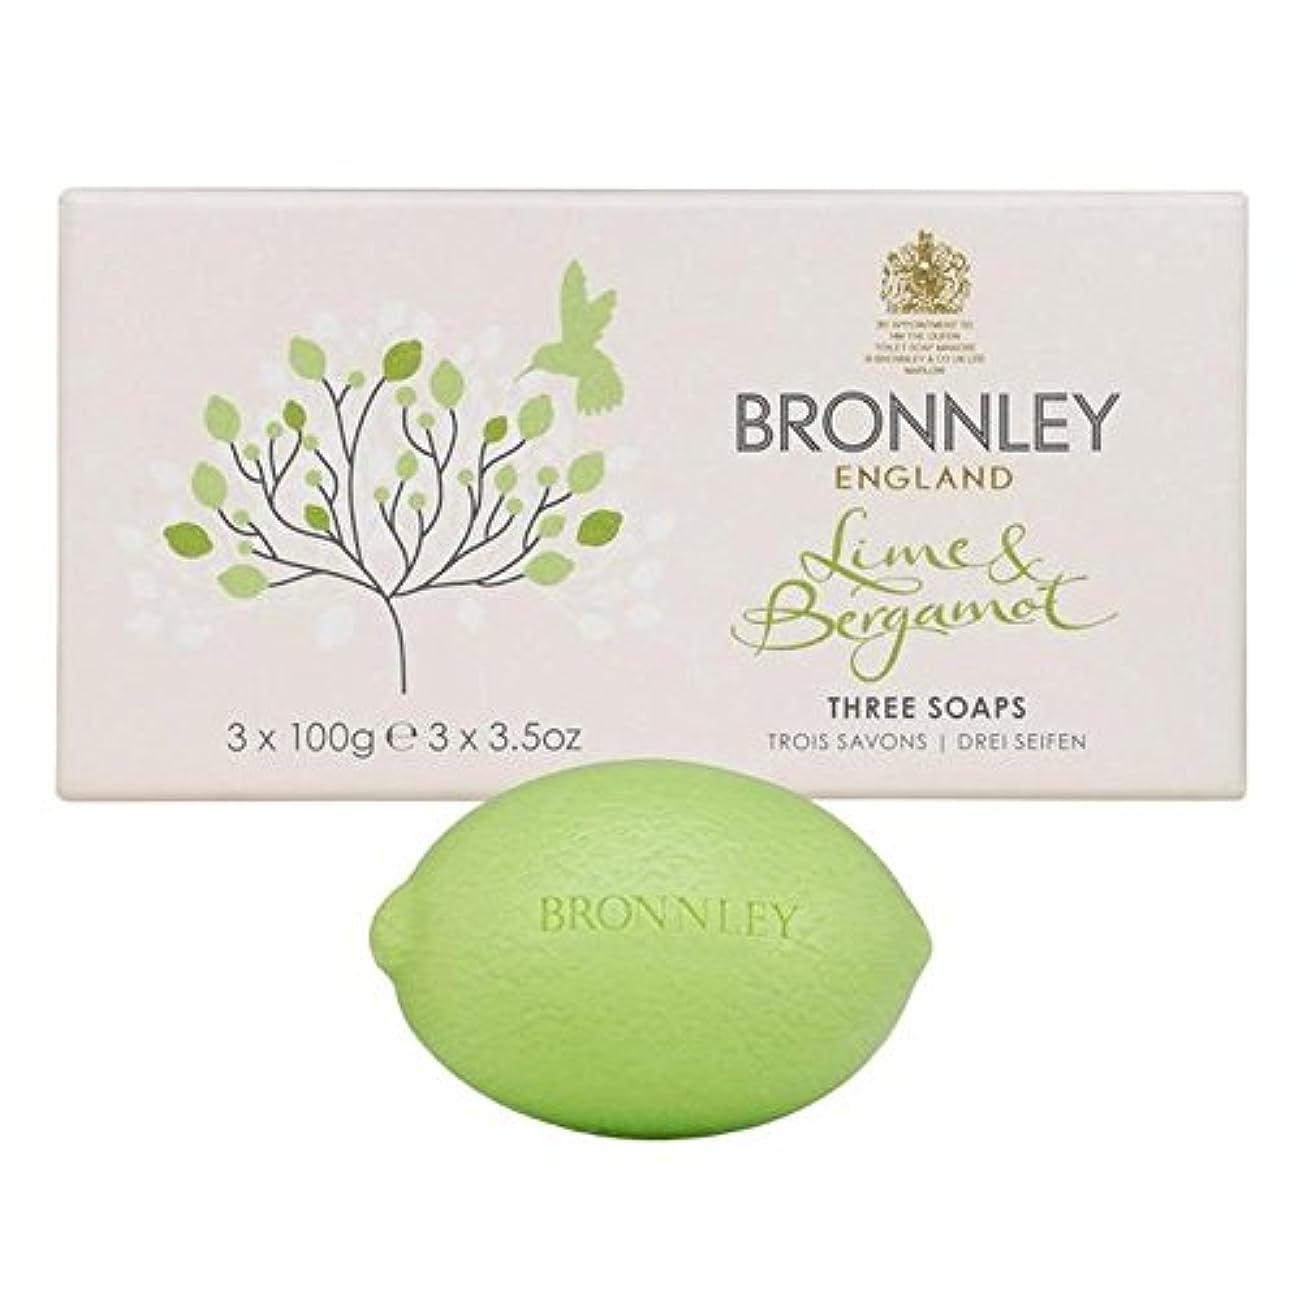 追加する漏斗逸脱ライム&ベルガモット石鹸3×100グラム x2 - Bronnley Lime & Bergamot Soap 3 x 100g (Pack of 2) [並行輸入品]